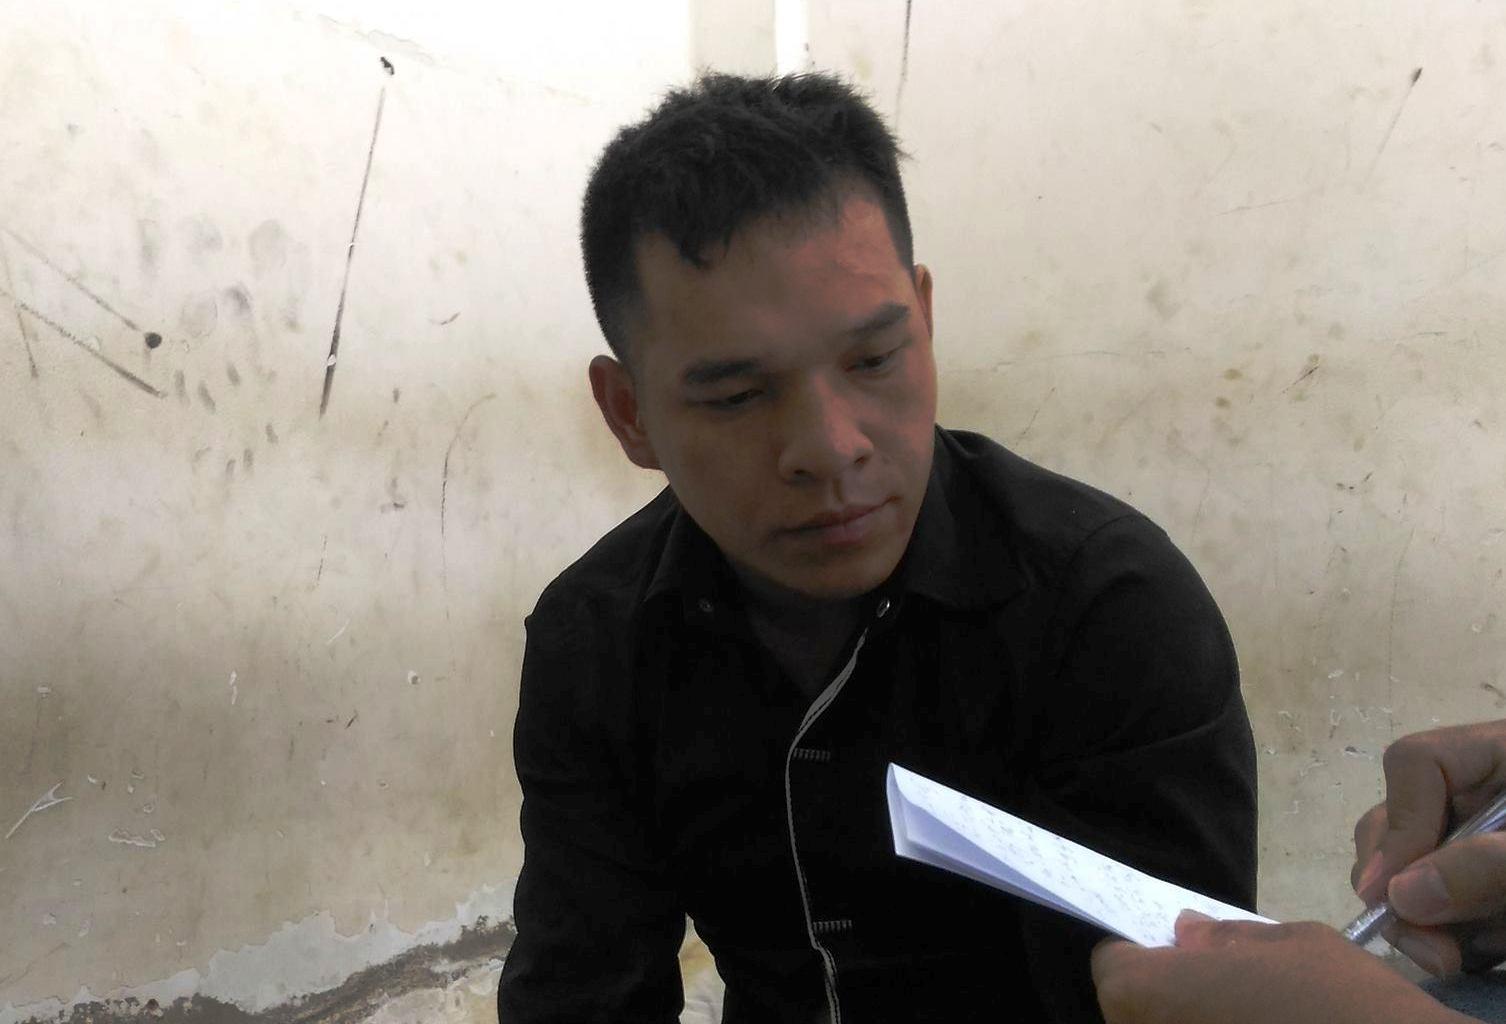 Đối tượng Tuyền tại cơ quan điều tra